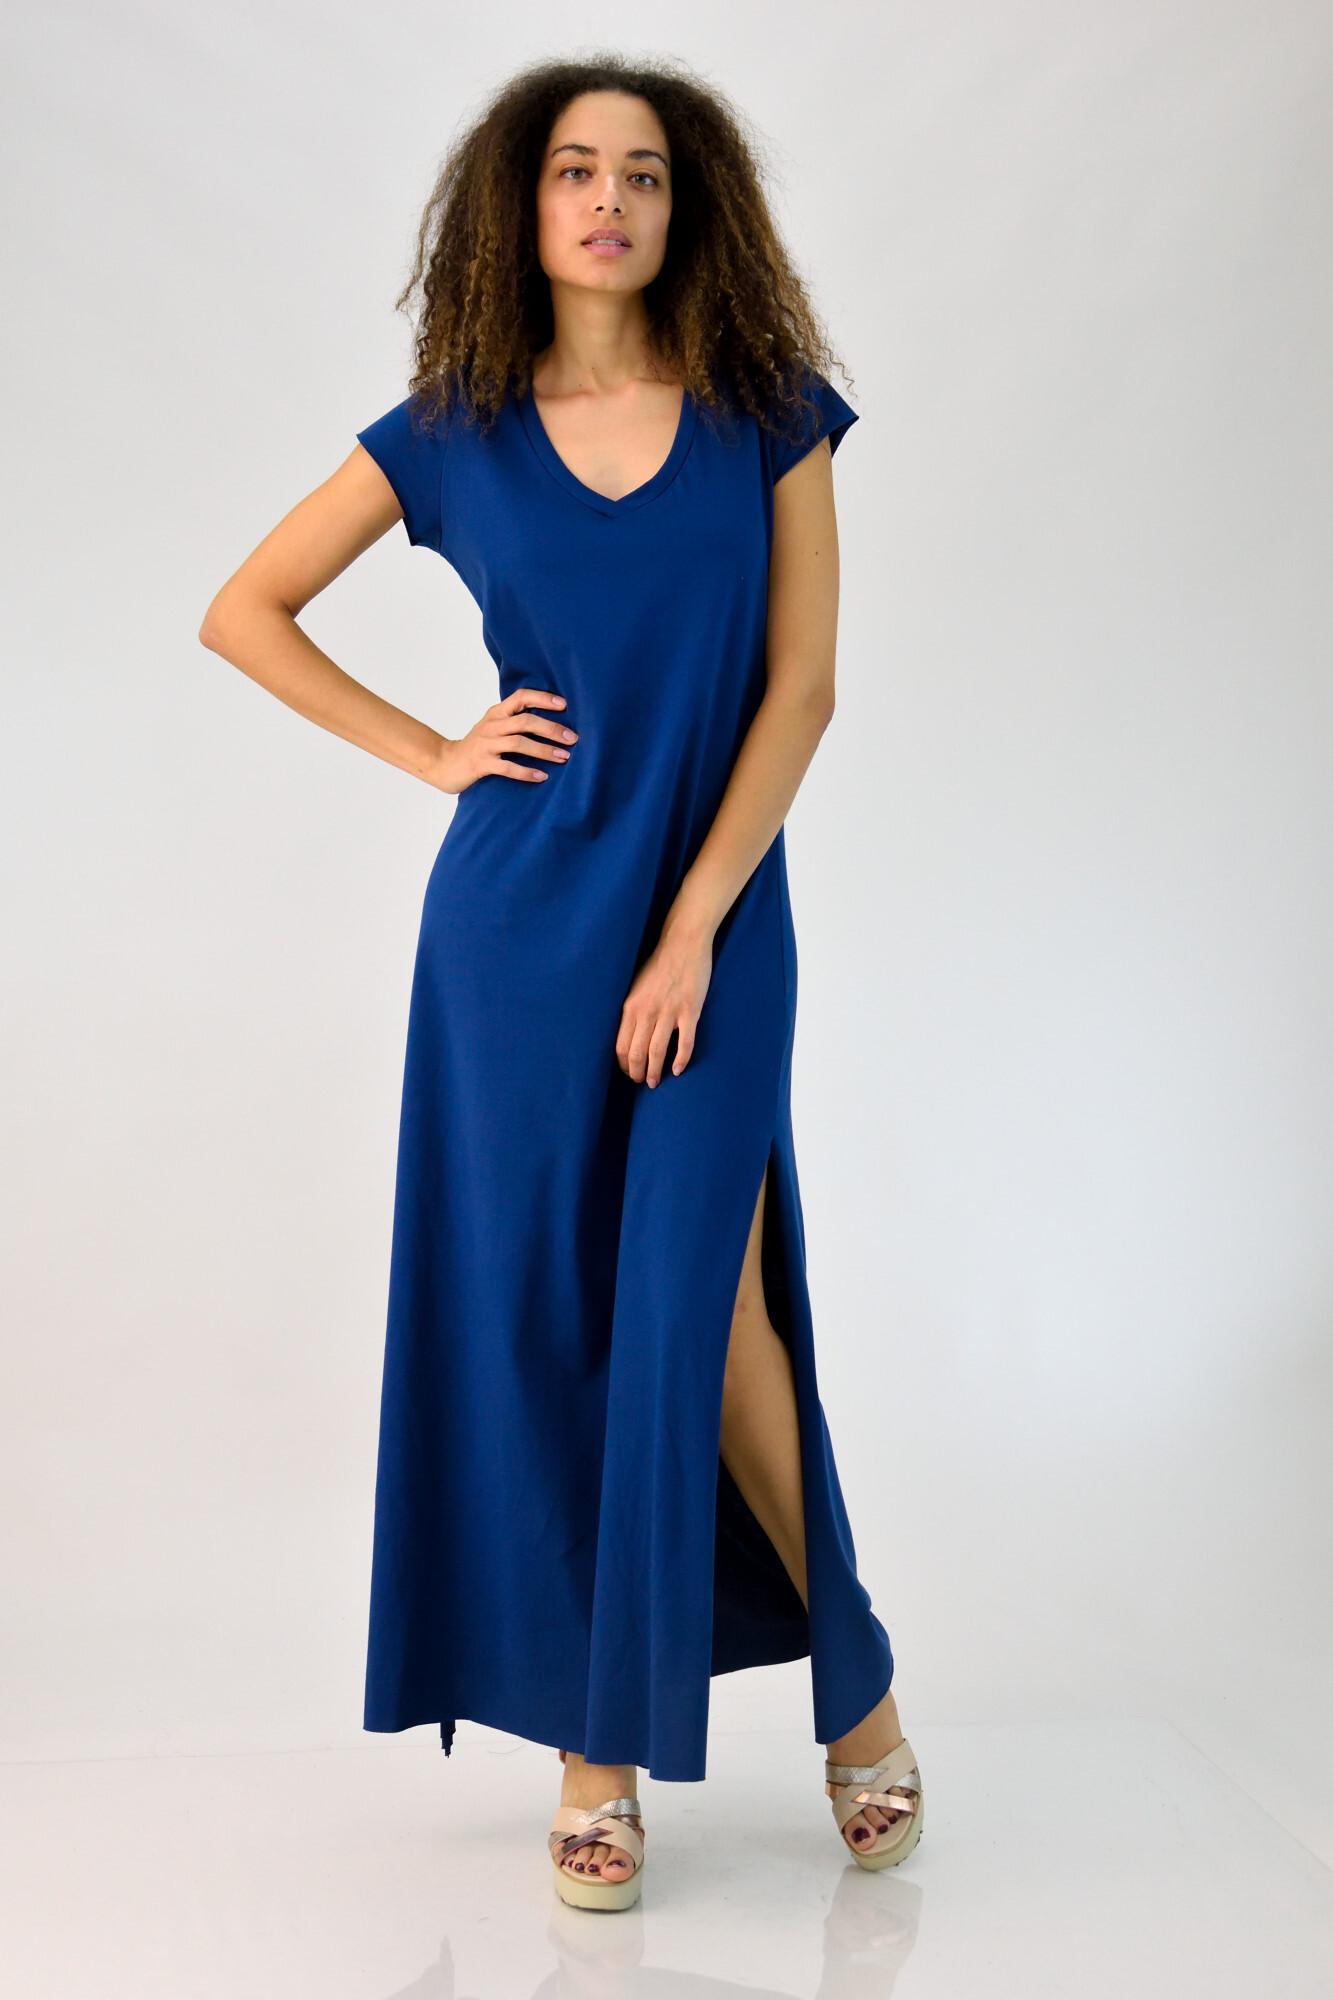 80665f7be7ca Μακρύ φόρεμα με V λαιμόκοψη